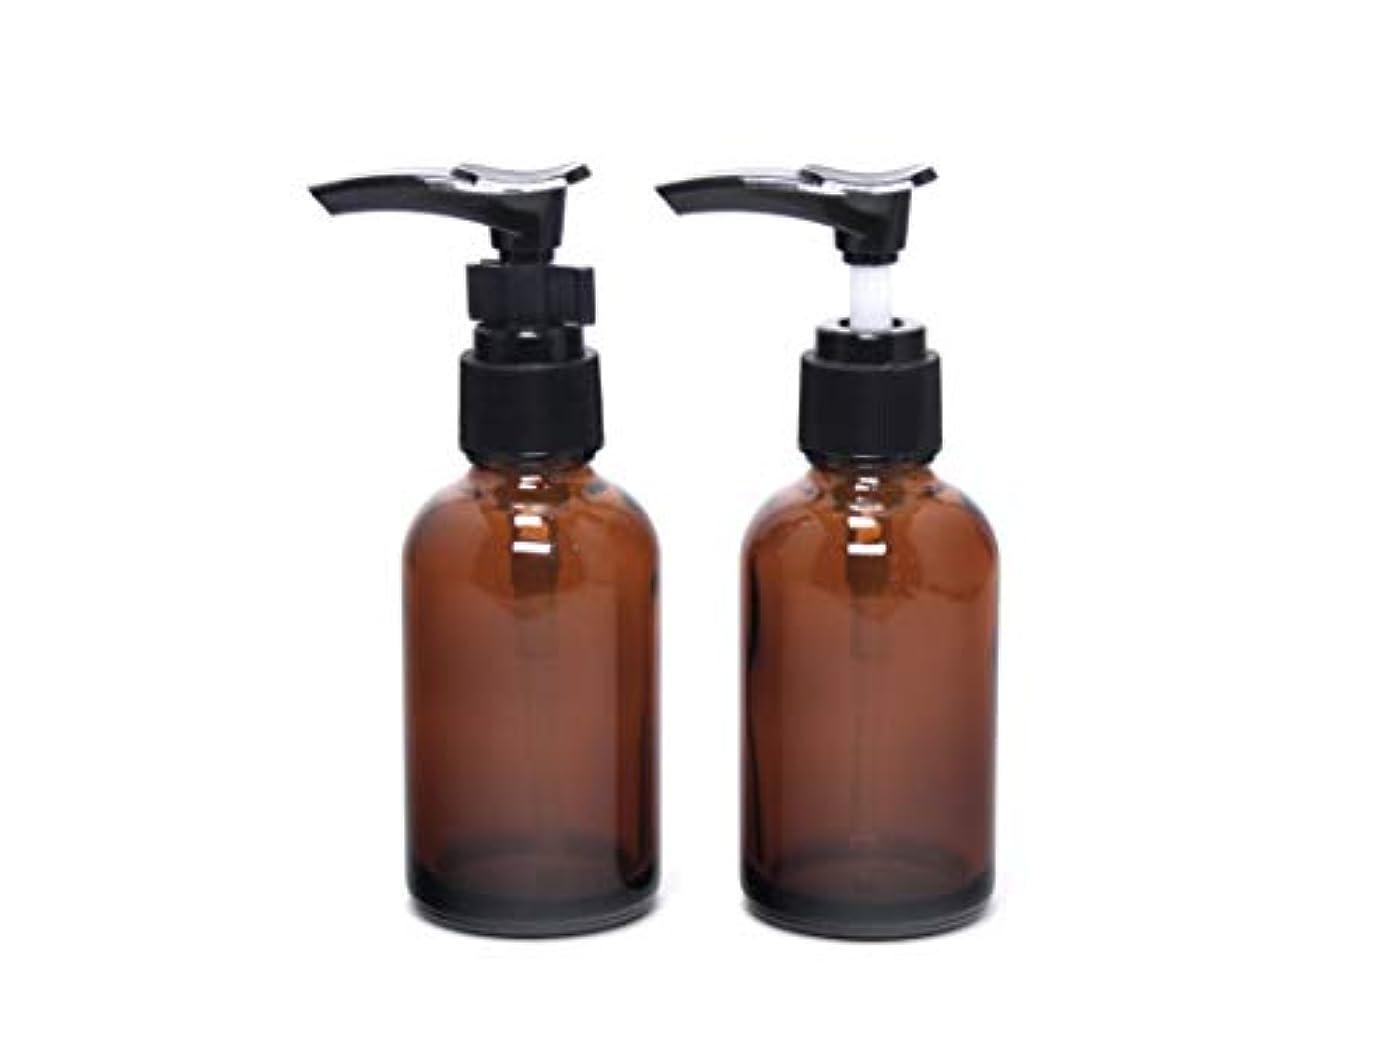 憤るストリームスラック遮光瓶 ポンプボトル (硝子) 50ml / アンバー ・ ブラックポンプヘッド × 2本セット